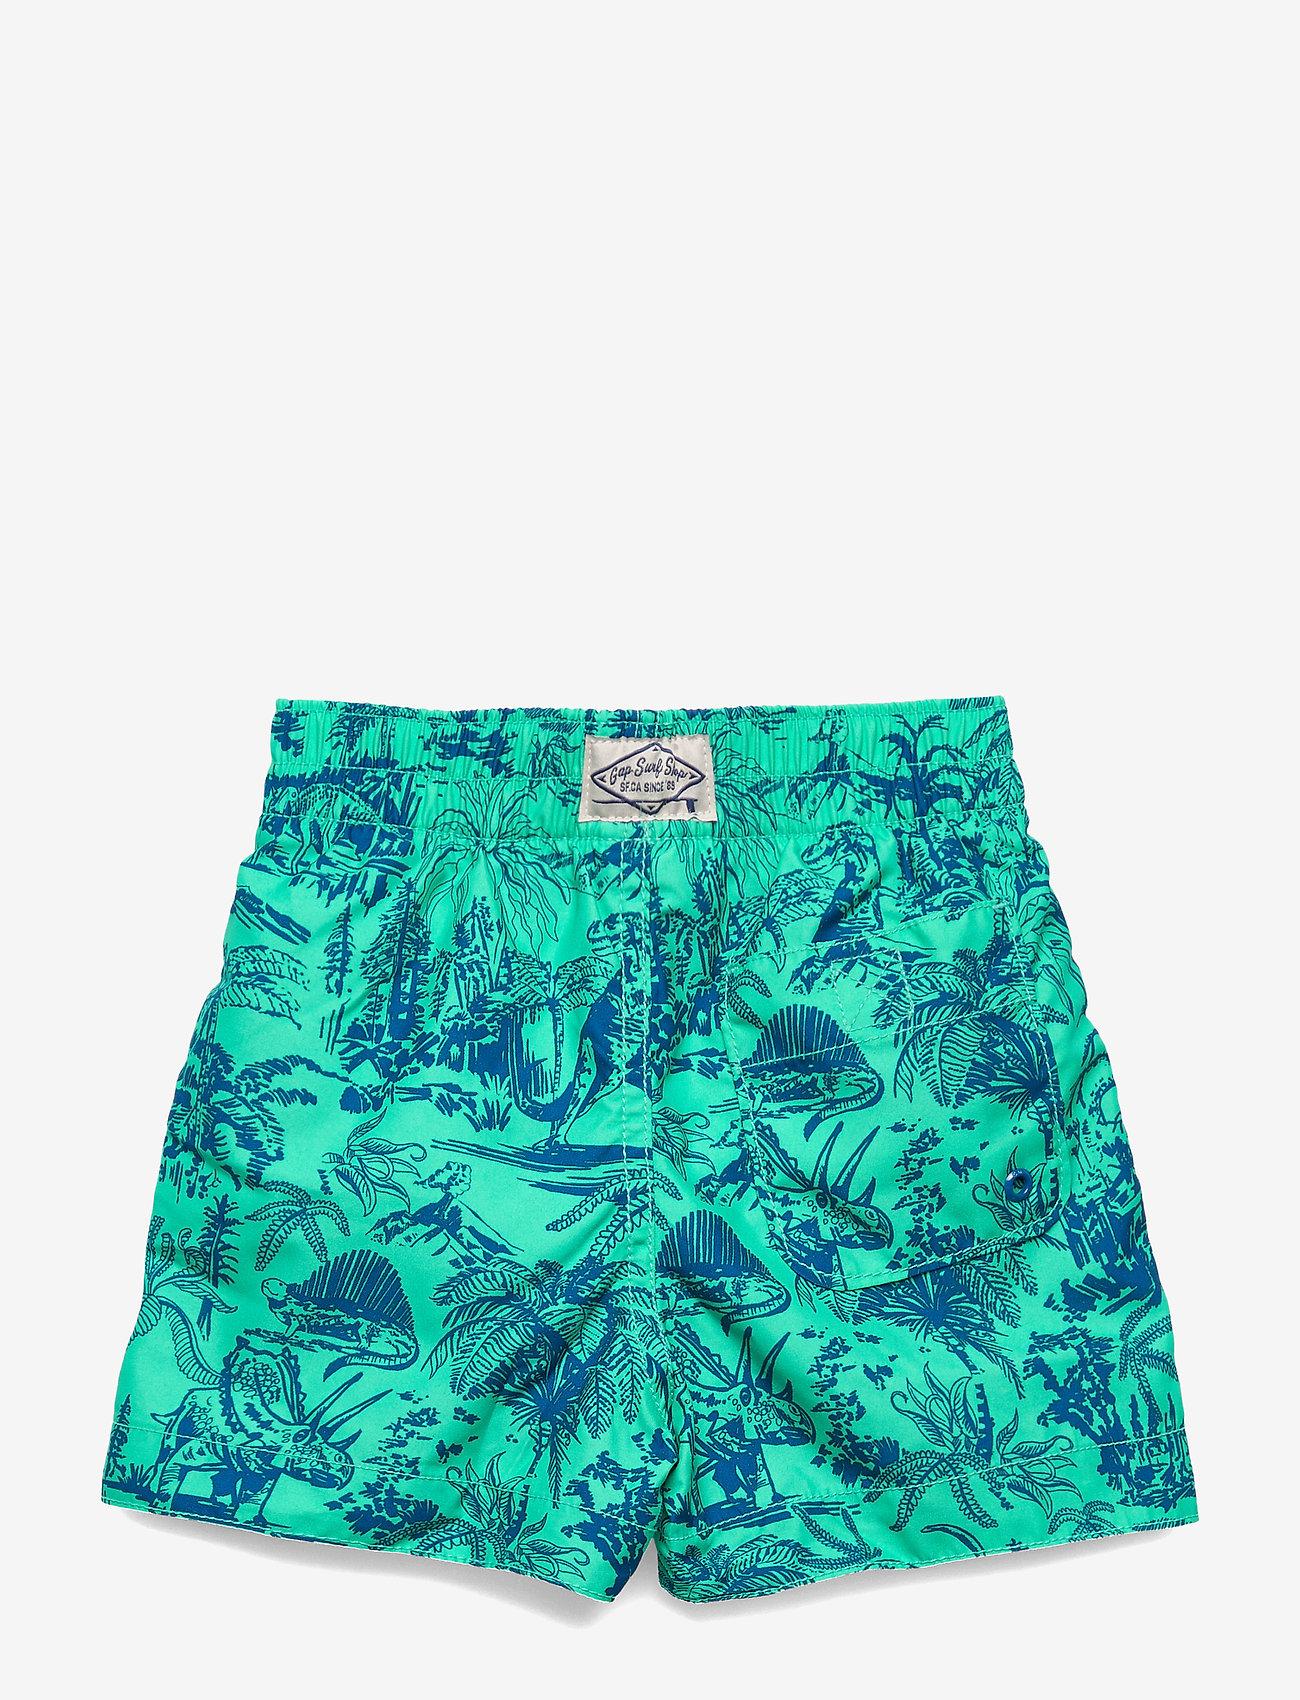 Gap Toddler Dino Swim Trunks - Badkläder Siren Green 287